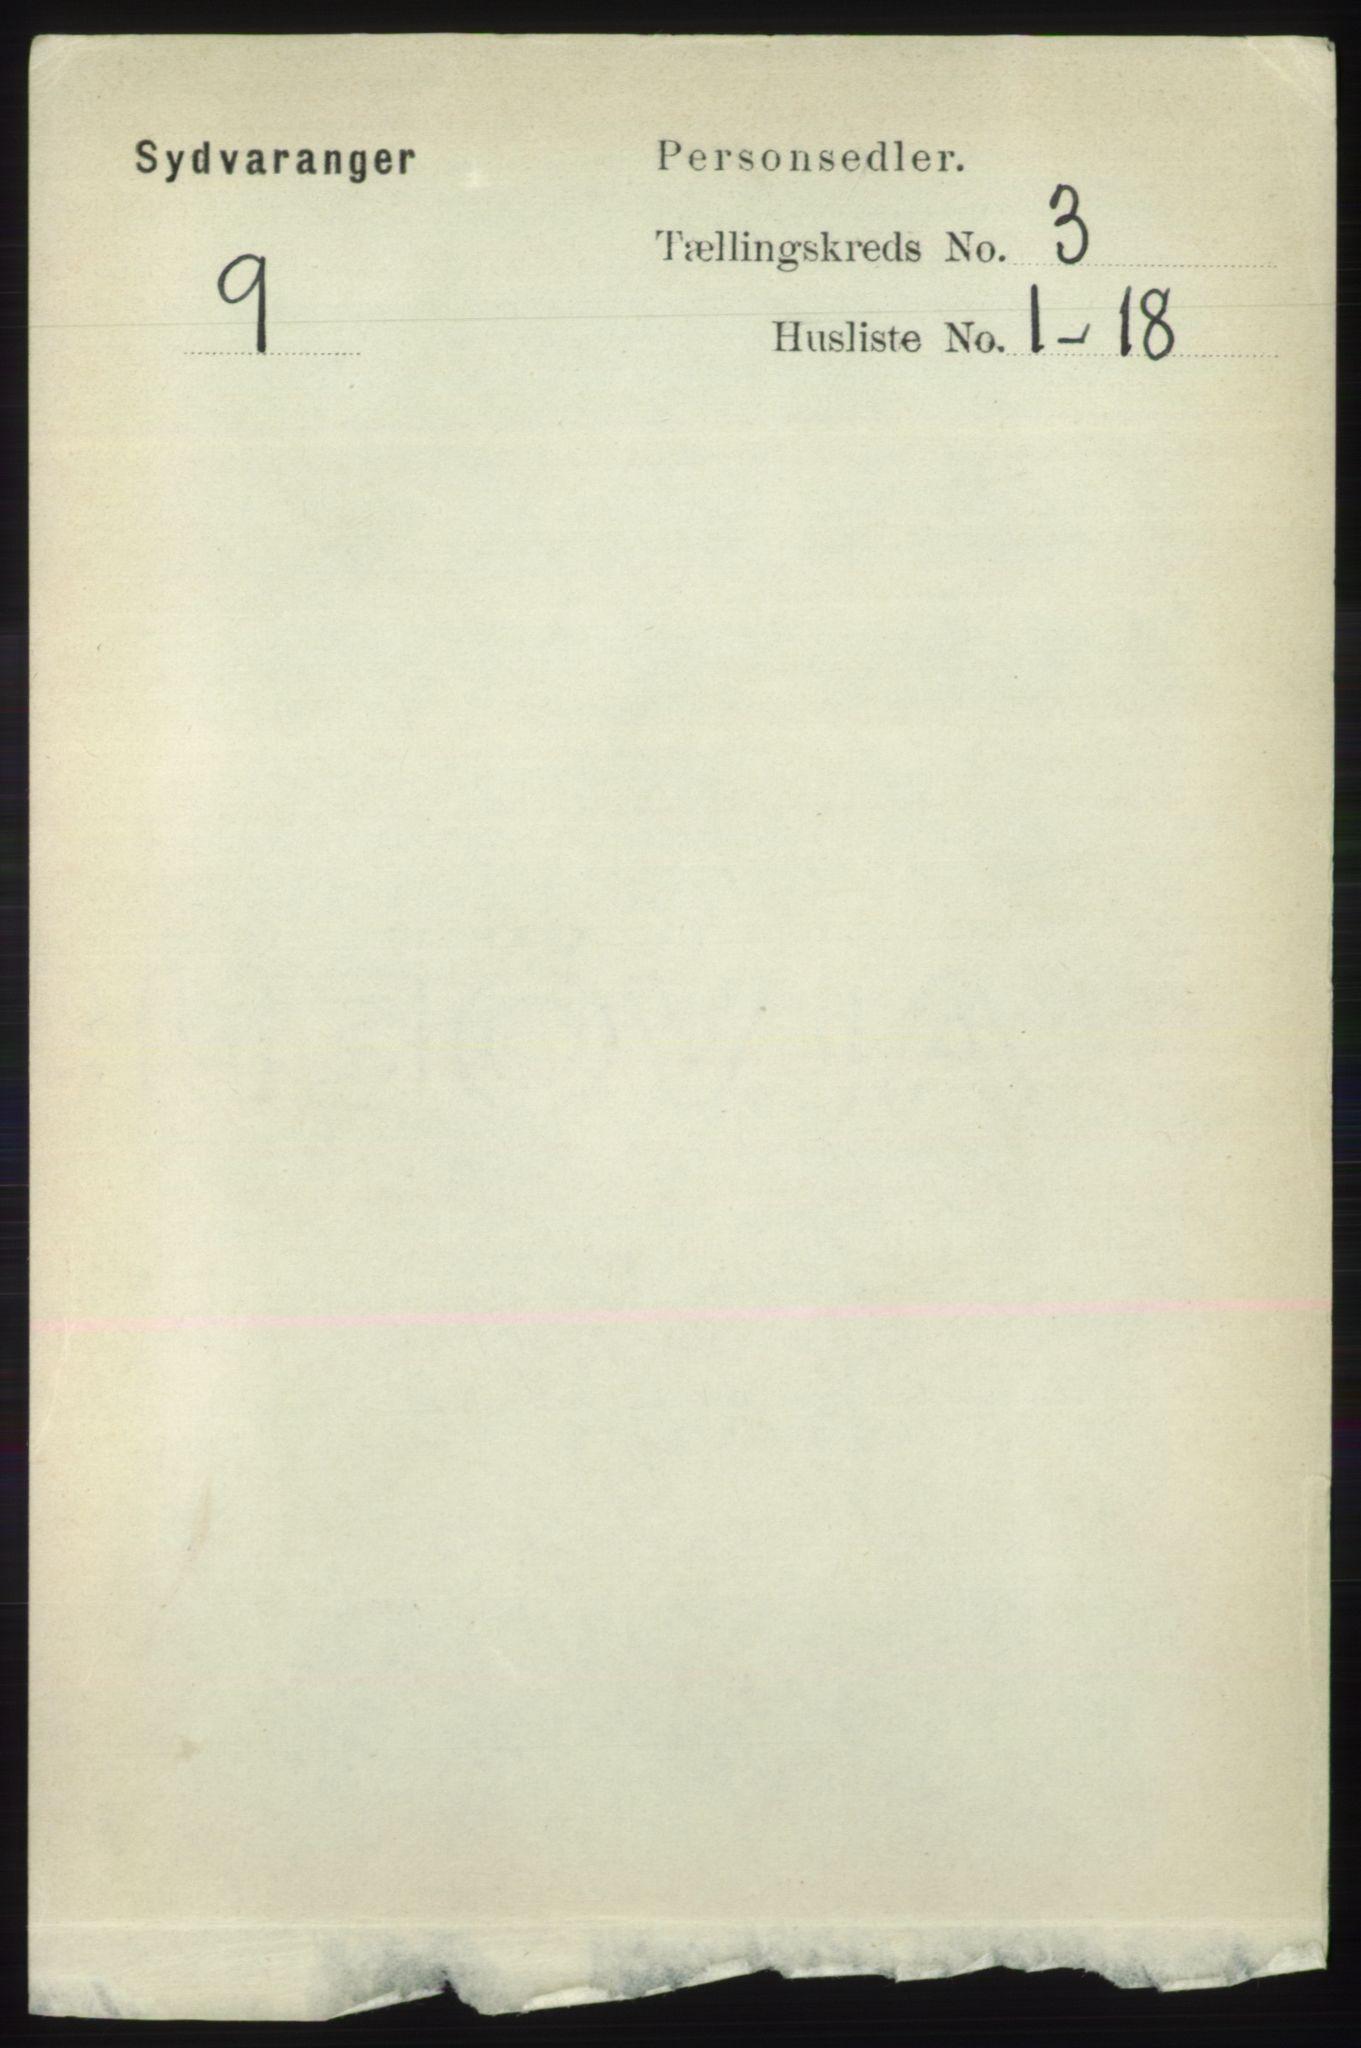 RA, Folketelling 1891 for 2030 Sør-Varanger herred, 1891, s. 780